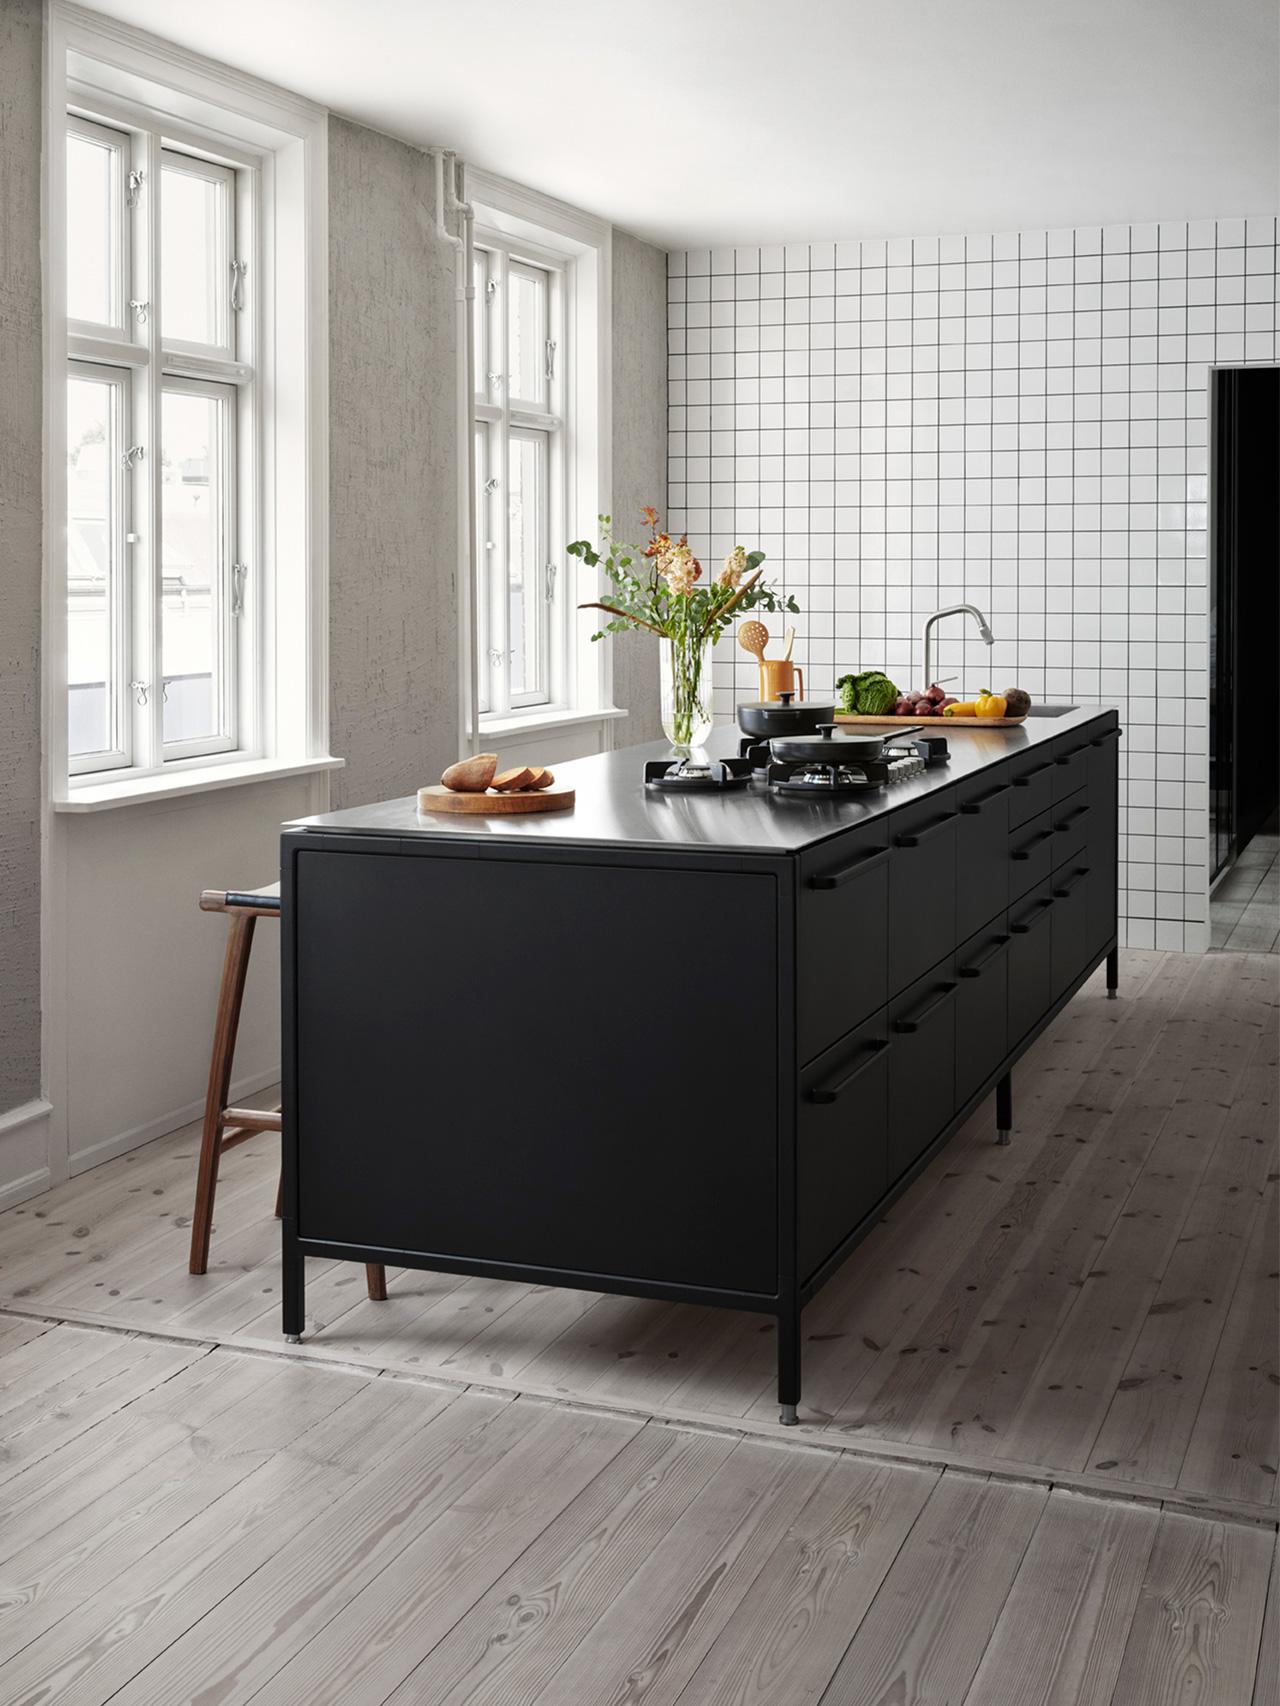 Vipp Küche | vipp.com